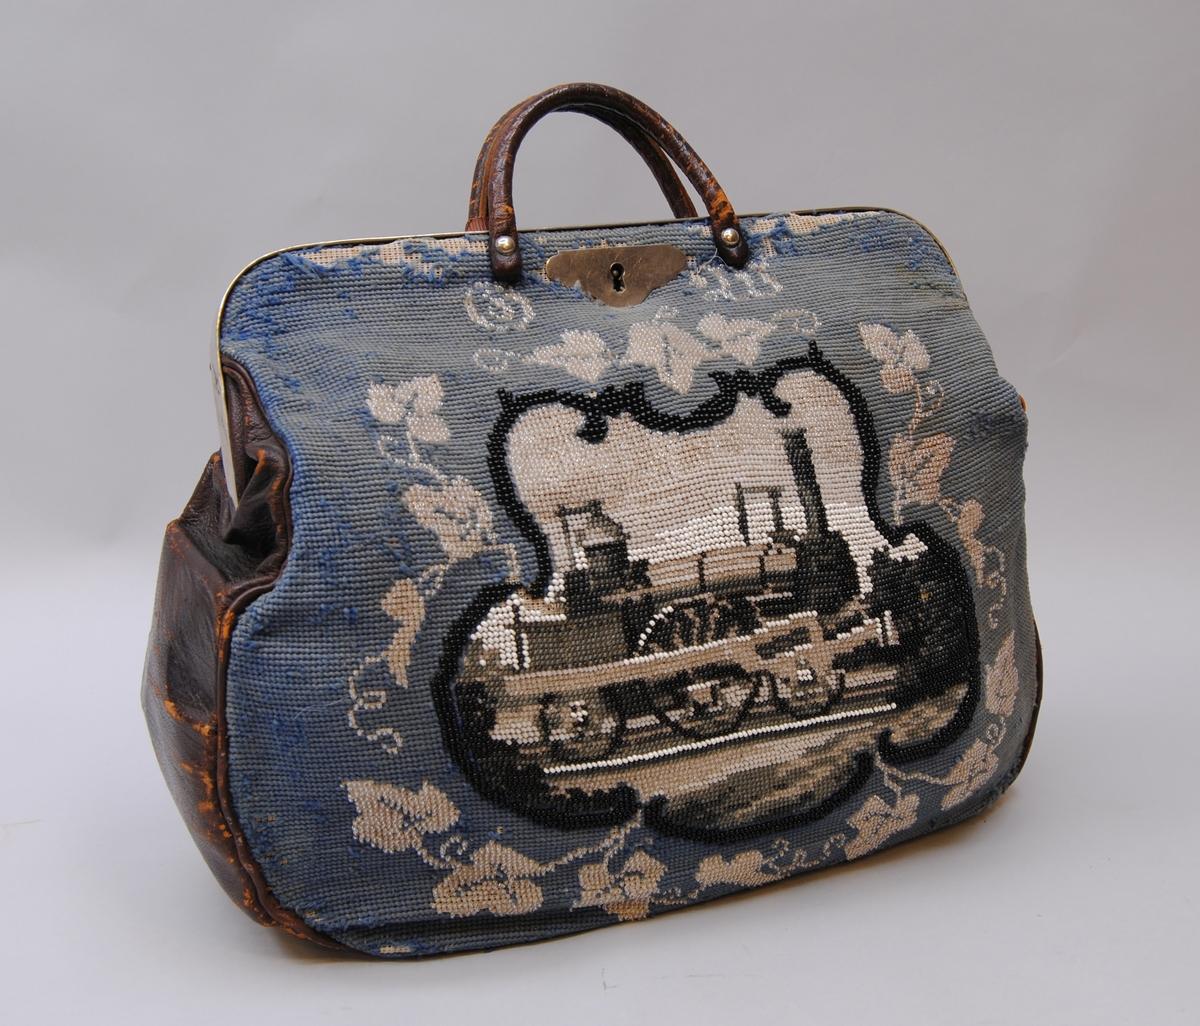 Väska med broderad framsida och svart baksida av skinn. Svarta skinnhandtag. Broderiet är utfört på stramalj med färgade glaspärlor och yllegarn. Motivet är ett ånglok i färgerna svart, grått och vitt på ett fält broderat med blågrått yllegarn. Väskan är skodd med förkromad metall, och har ett låsbleck framtill av samma metall.